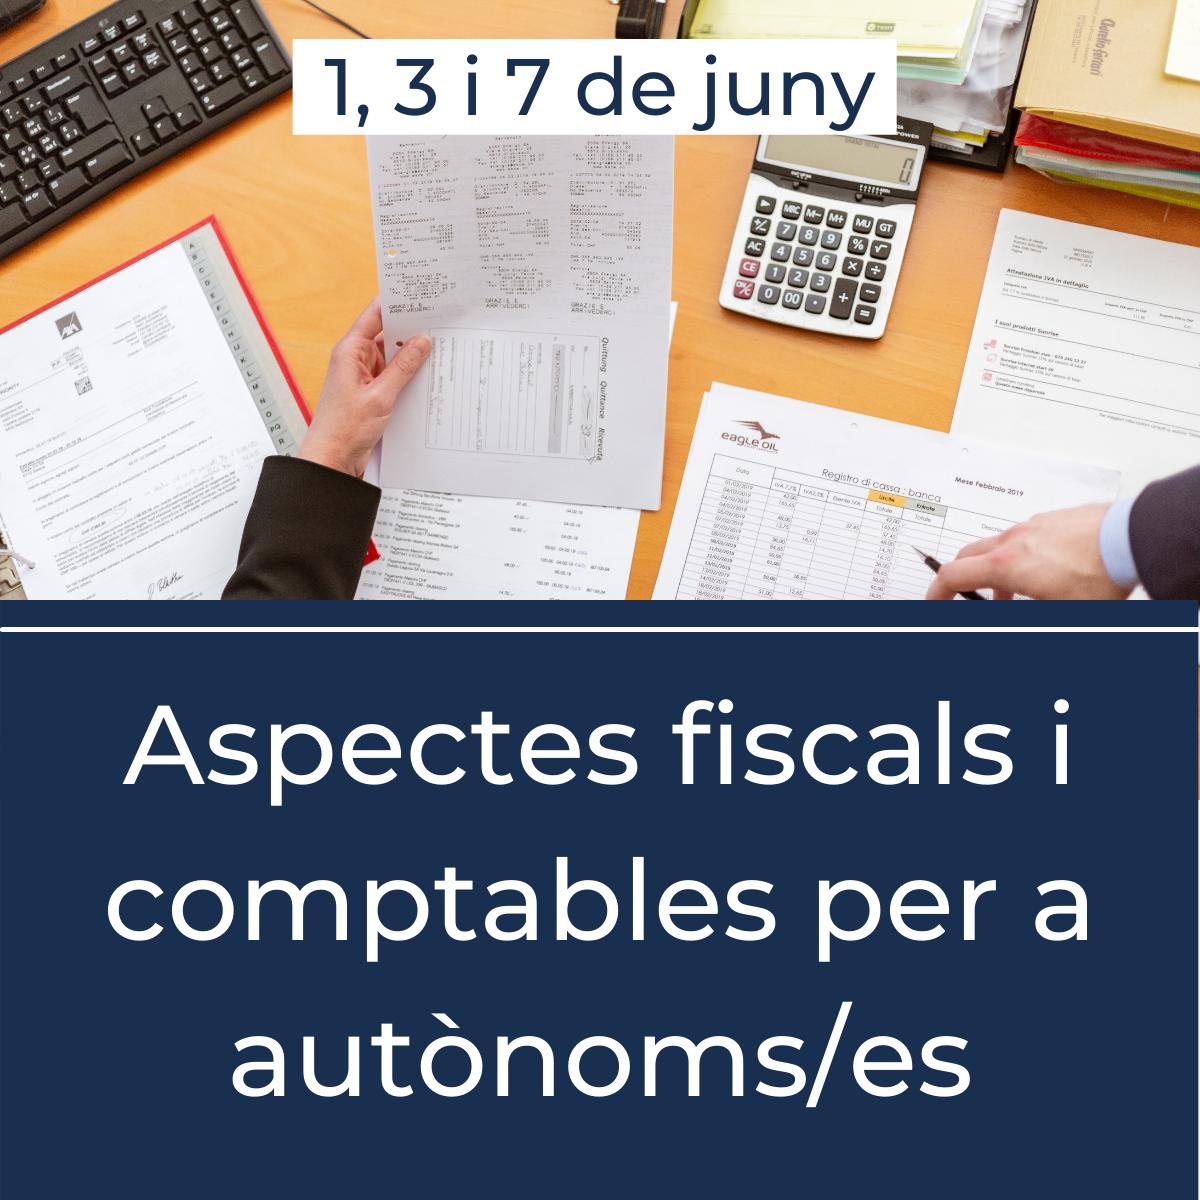 Aspectes fiscals i comptables que els autònoms